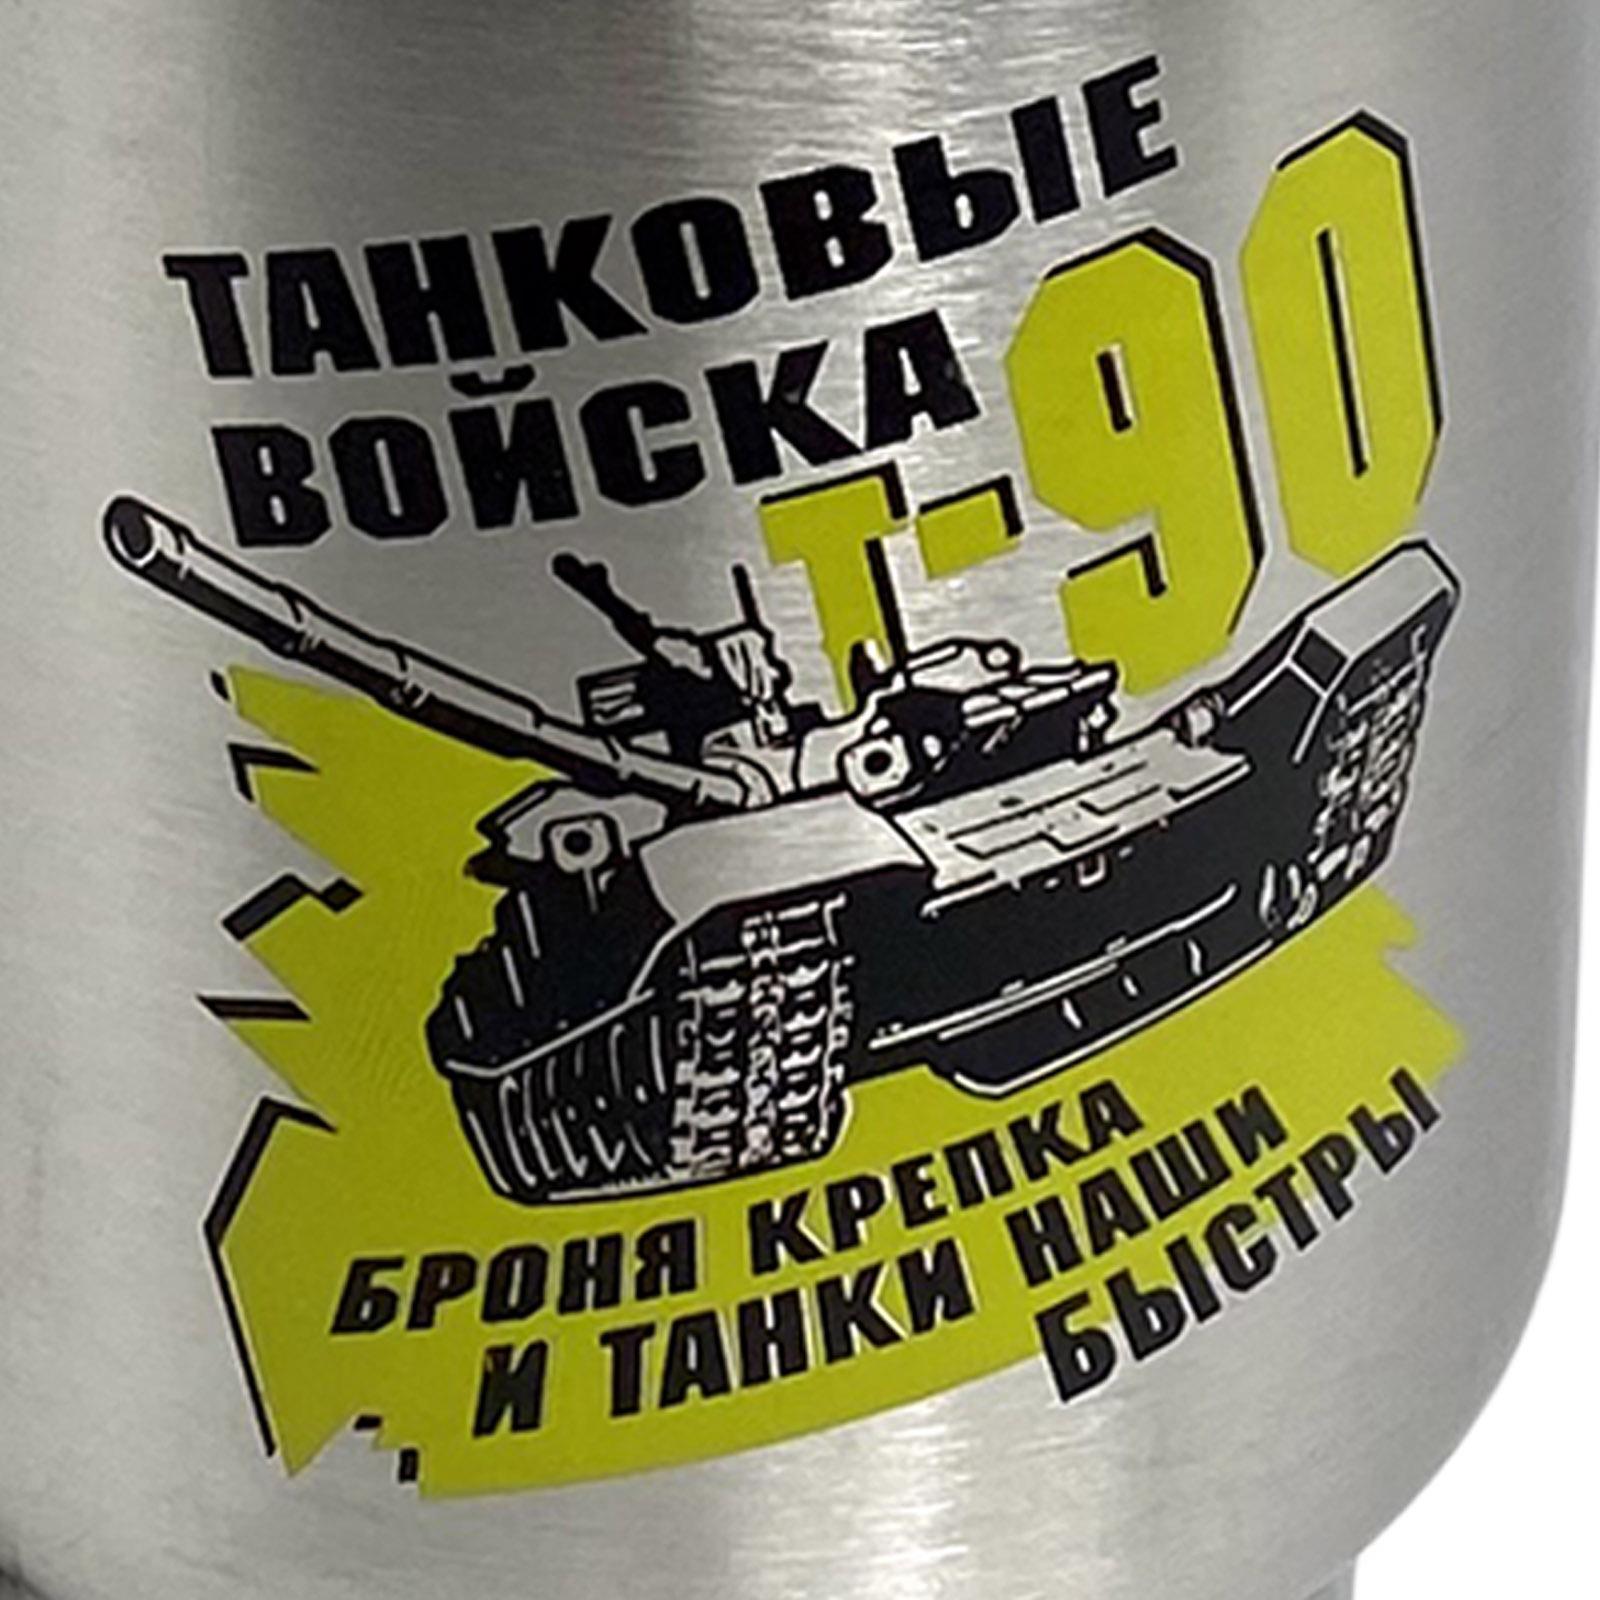 Купить термокружку Танковые Войска оптом или в розницу